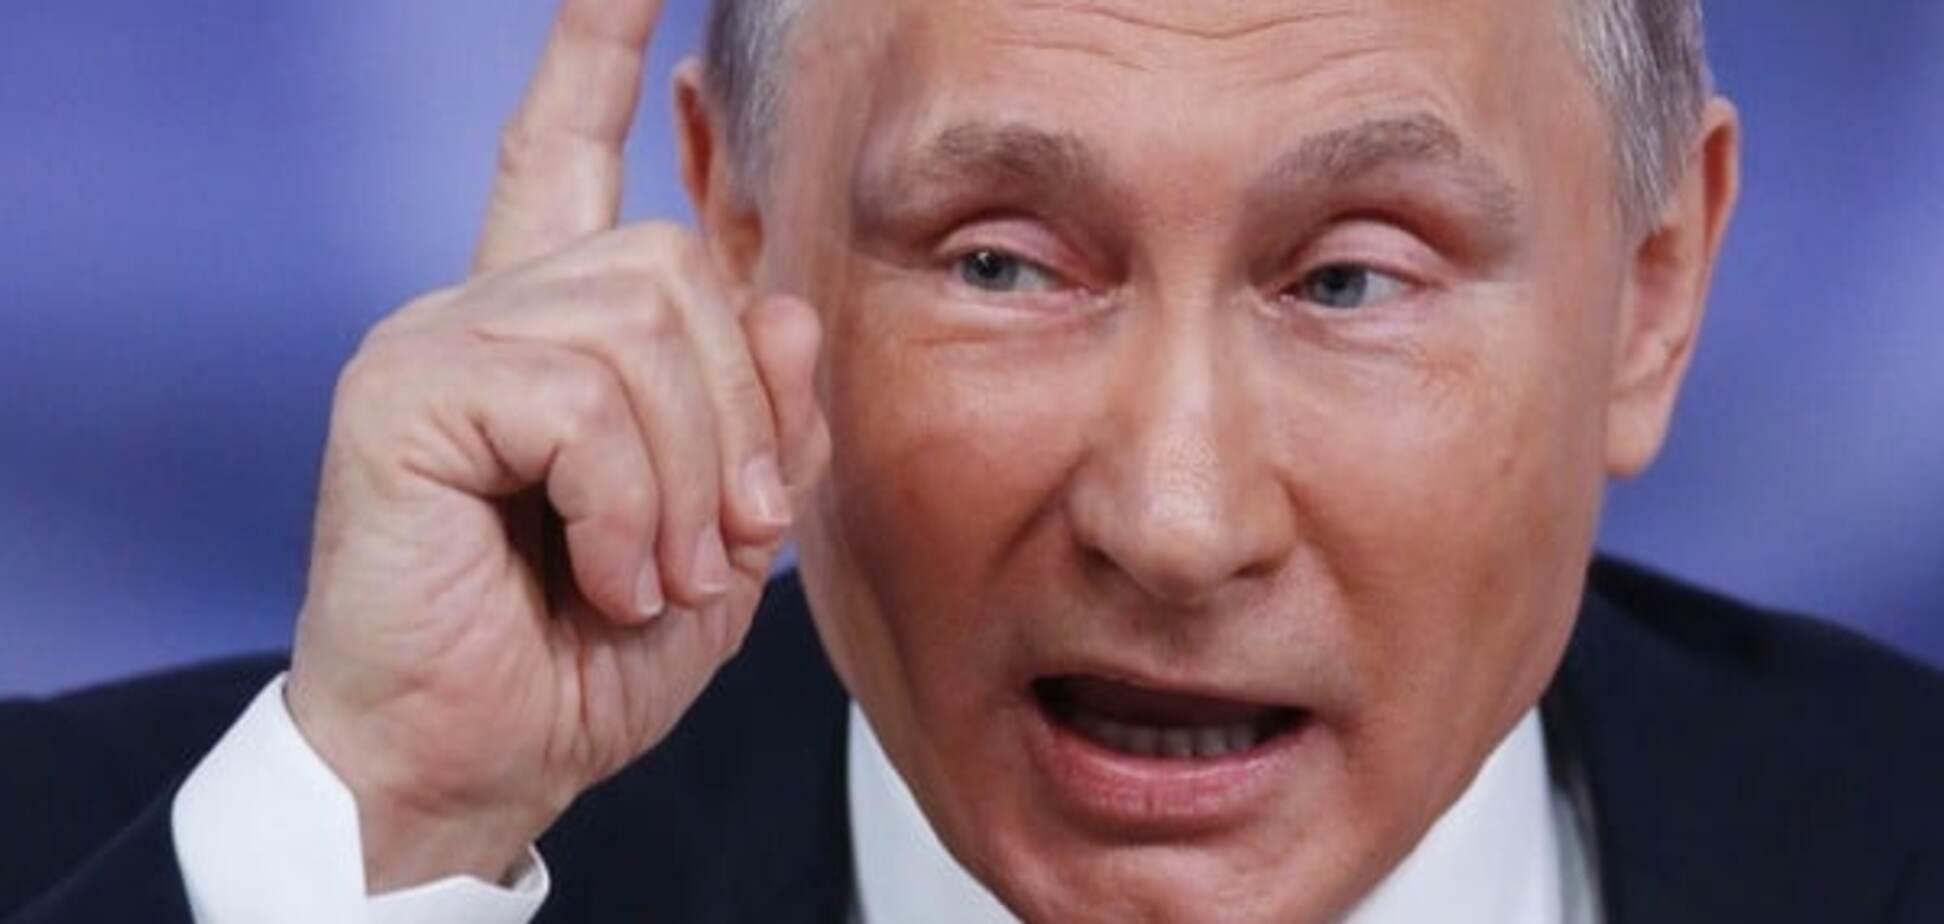 У Путіна планували створити нову 'державу' на сході України - російський політик